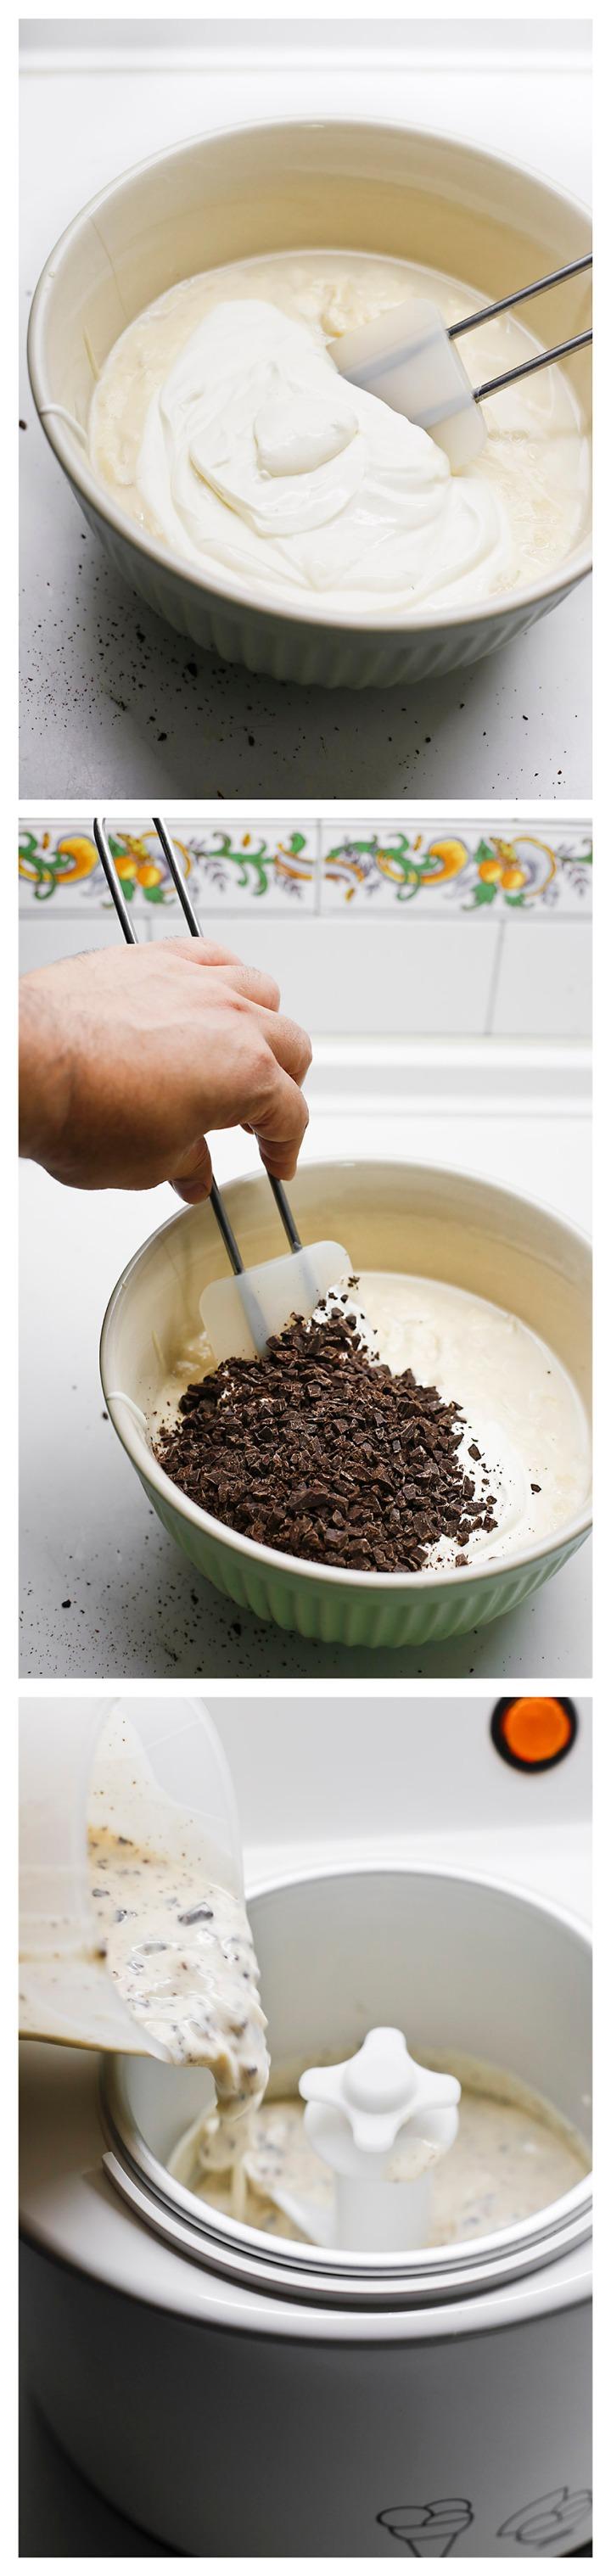 elaboración de helado 1